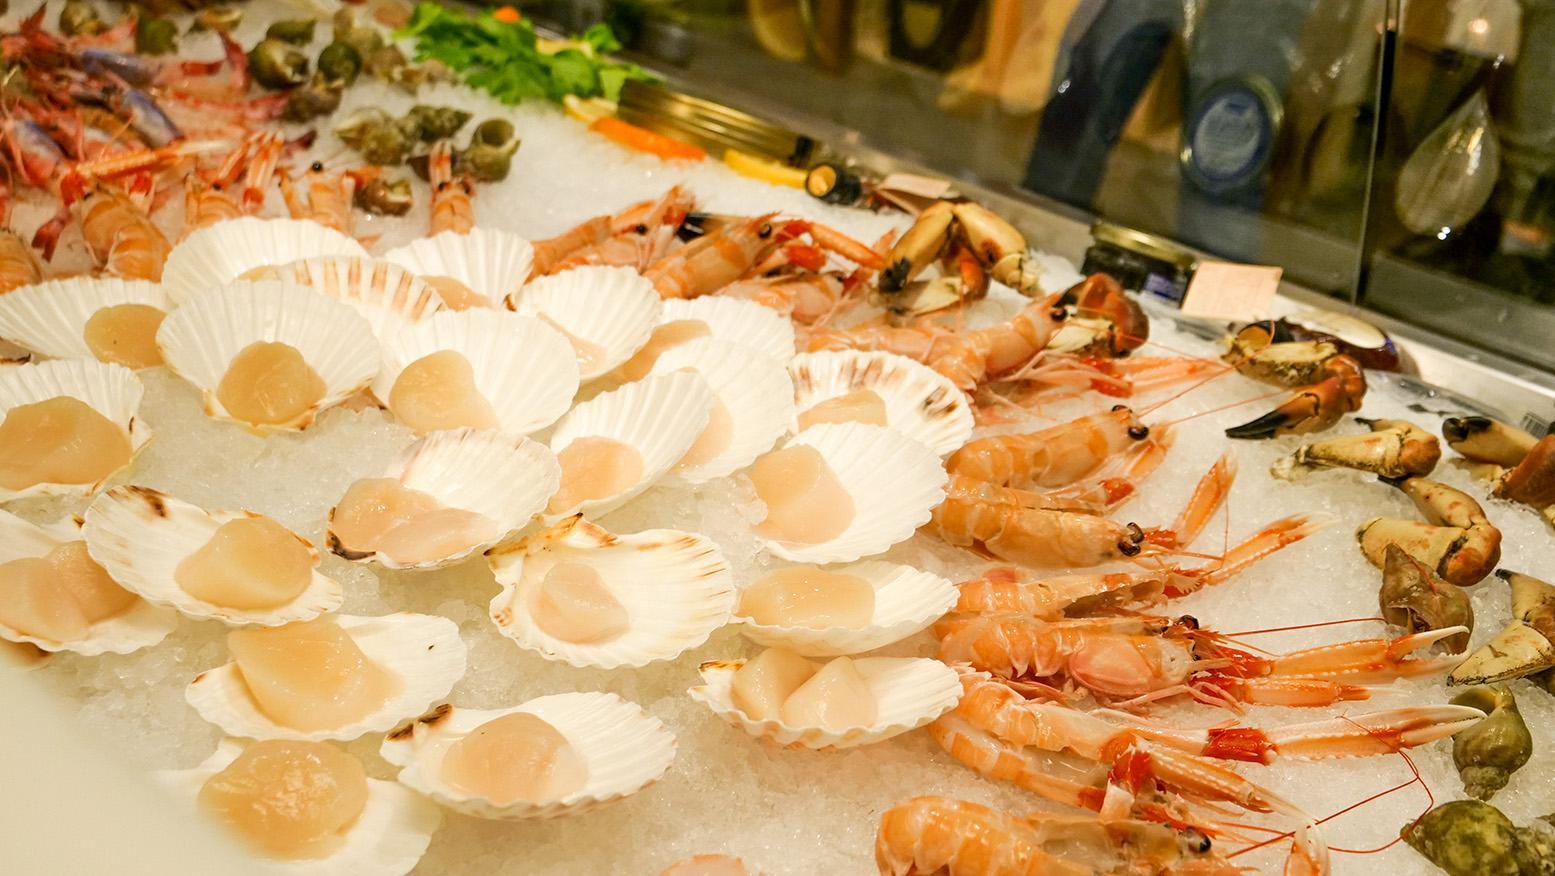 Piatti Freddi Veloci Da Asporto pescheria in provincia di brescia - ristorante la pescheria